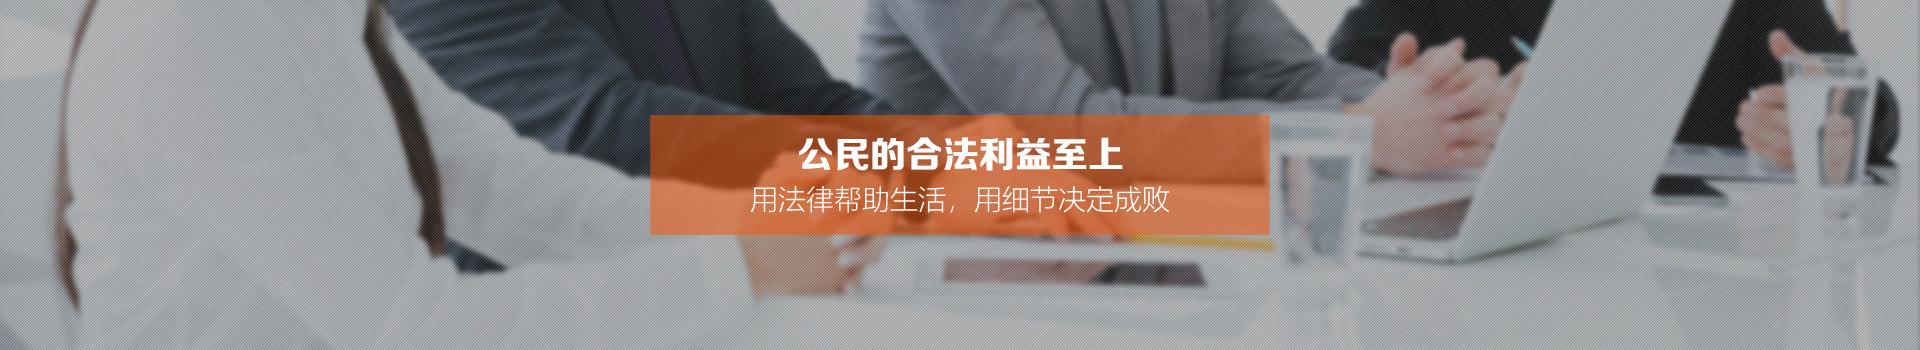 哈尔滨律师网6